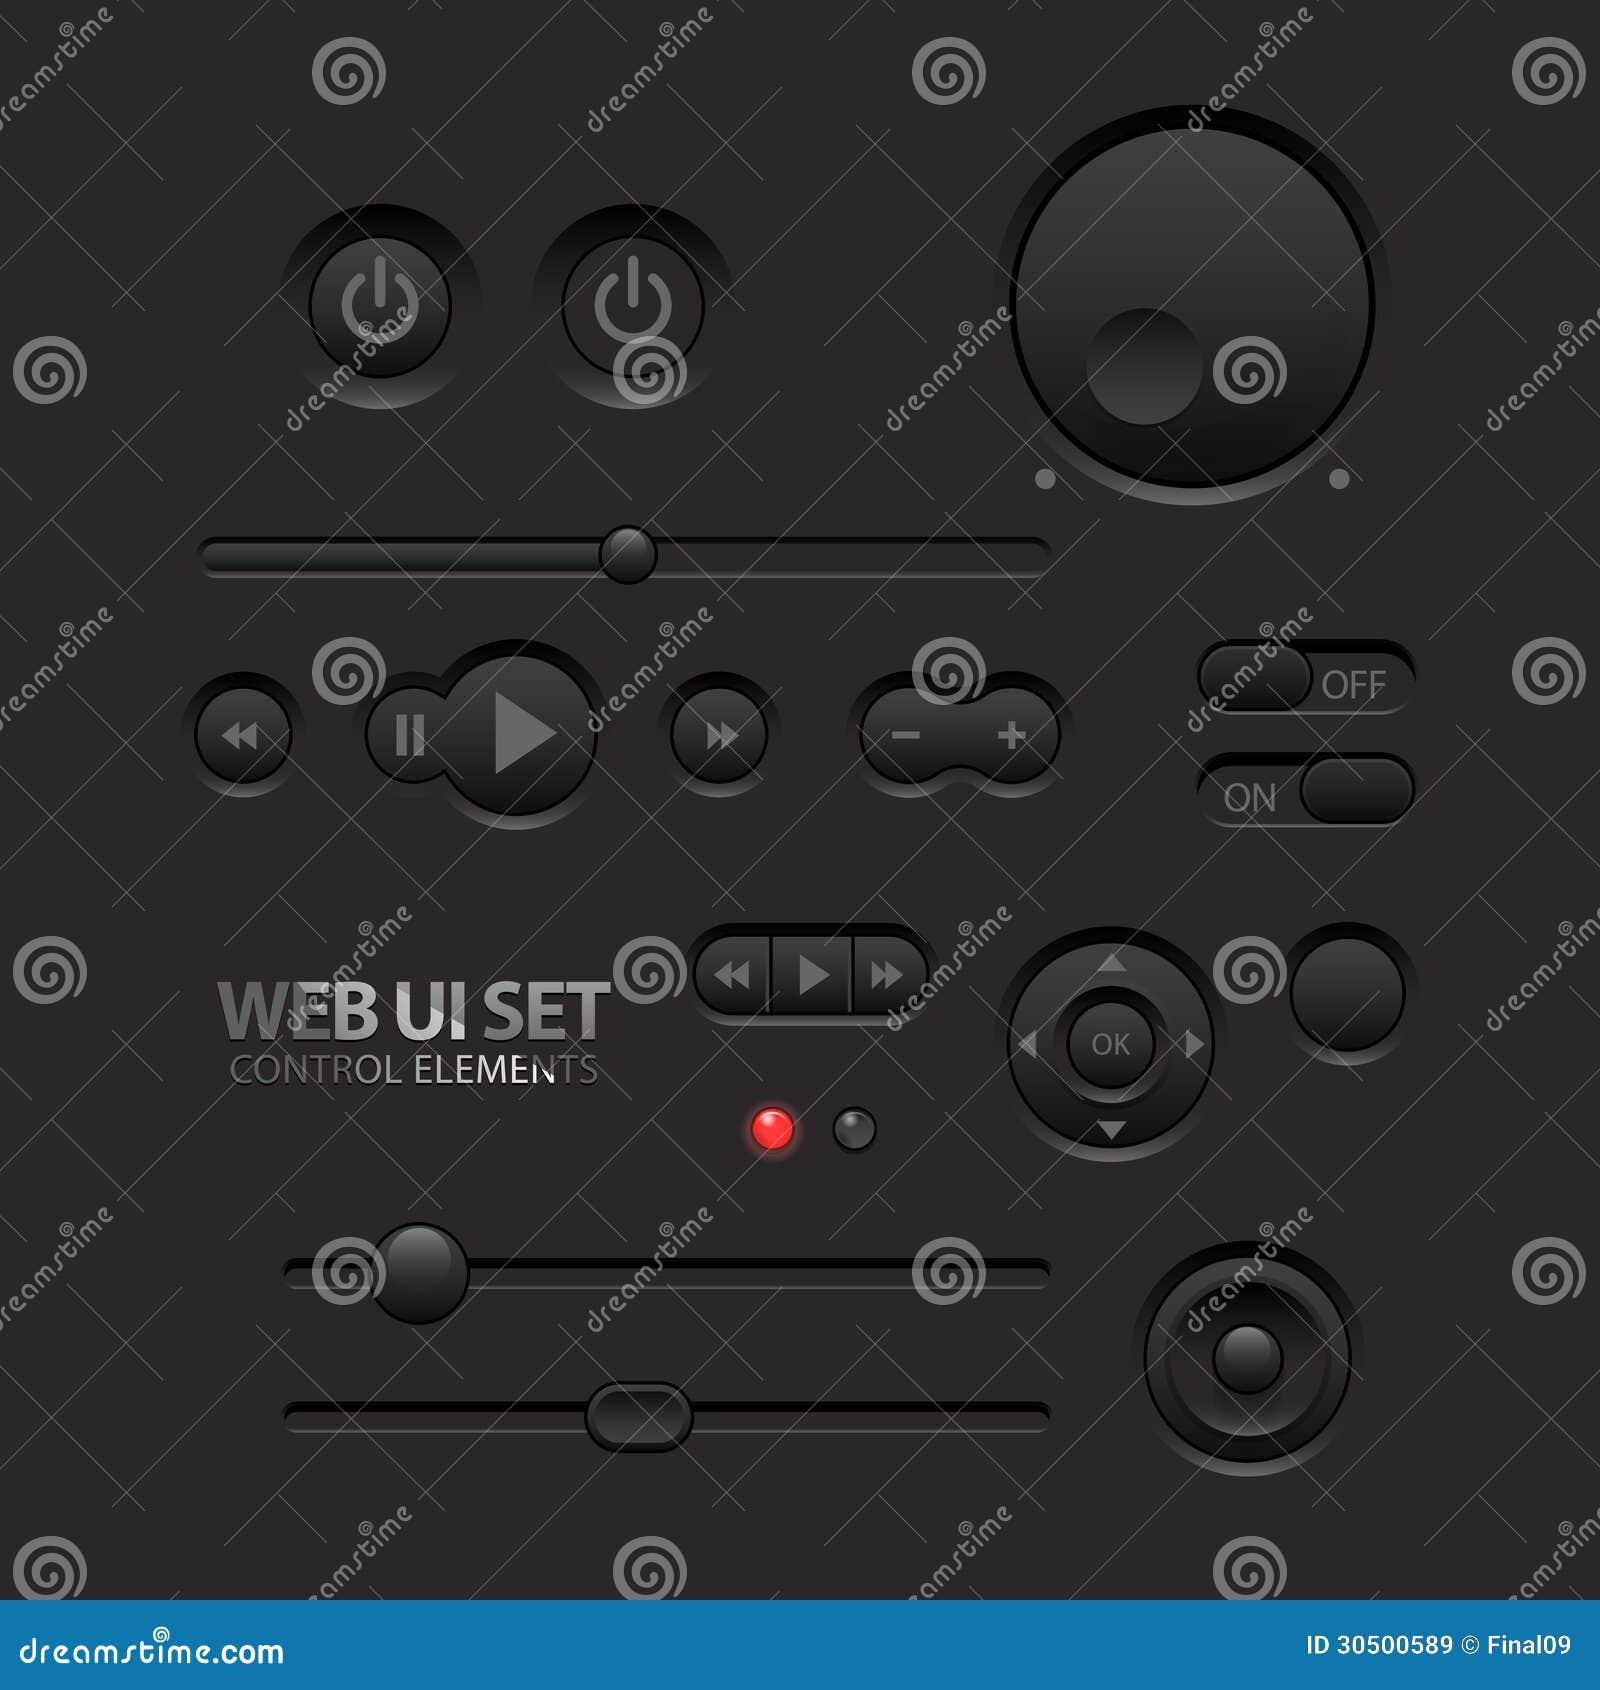 Ciemni sieci UI elementy. Guziki, zmiany, bary